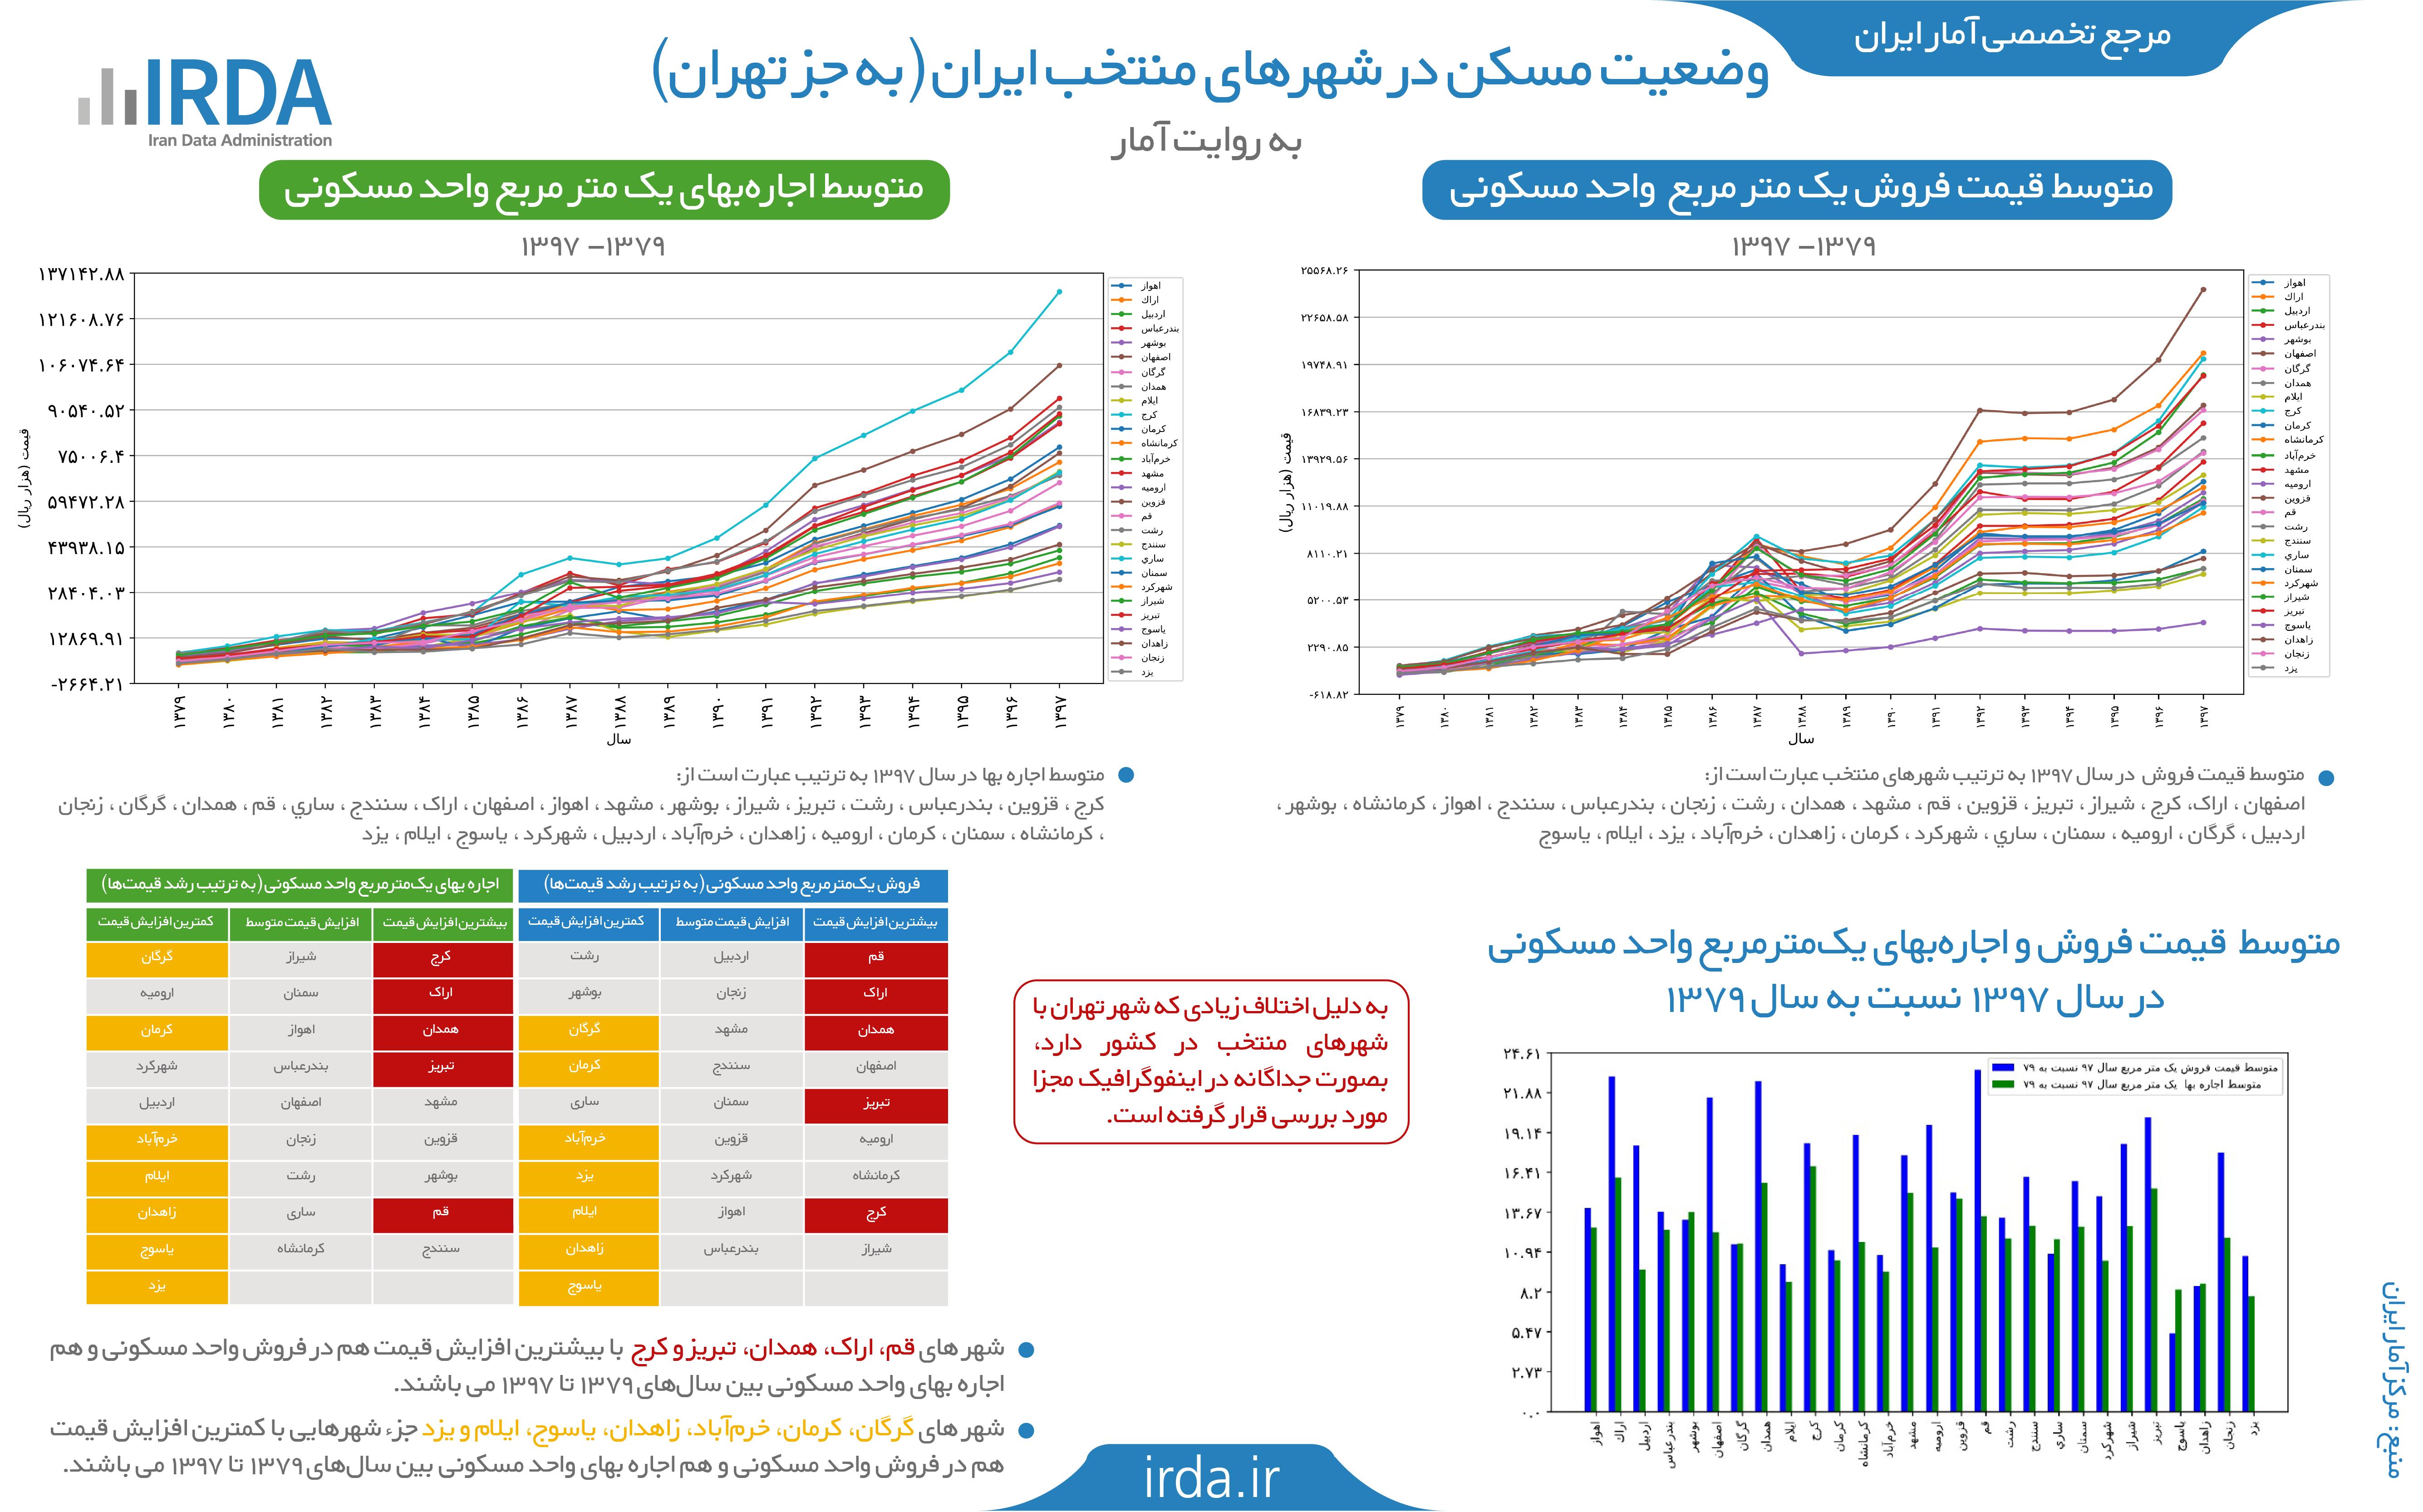 وضعیت مسکن در شهرهای منتخب ایران (به جز تهران)